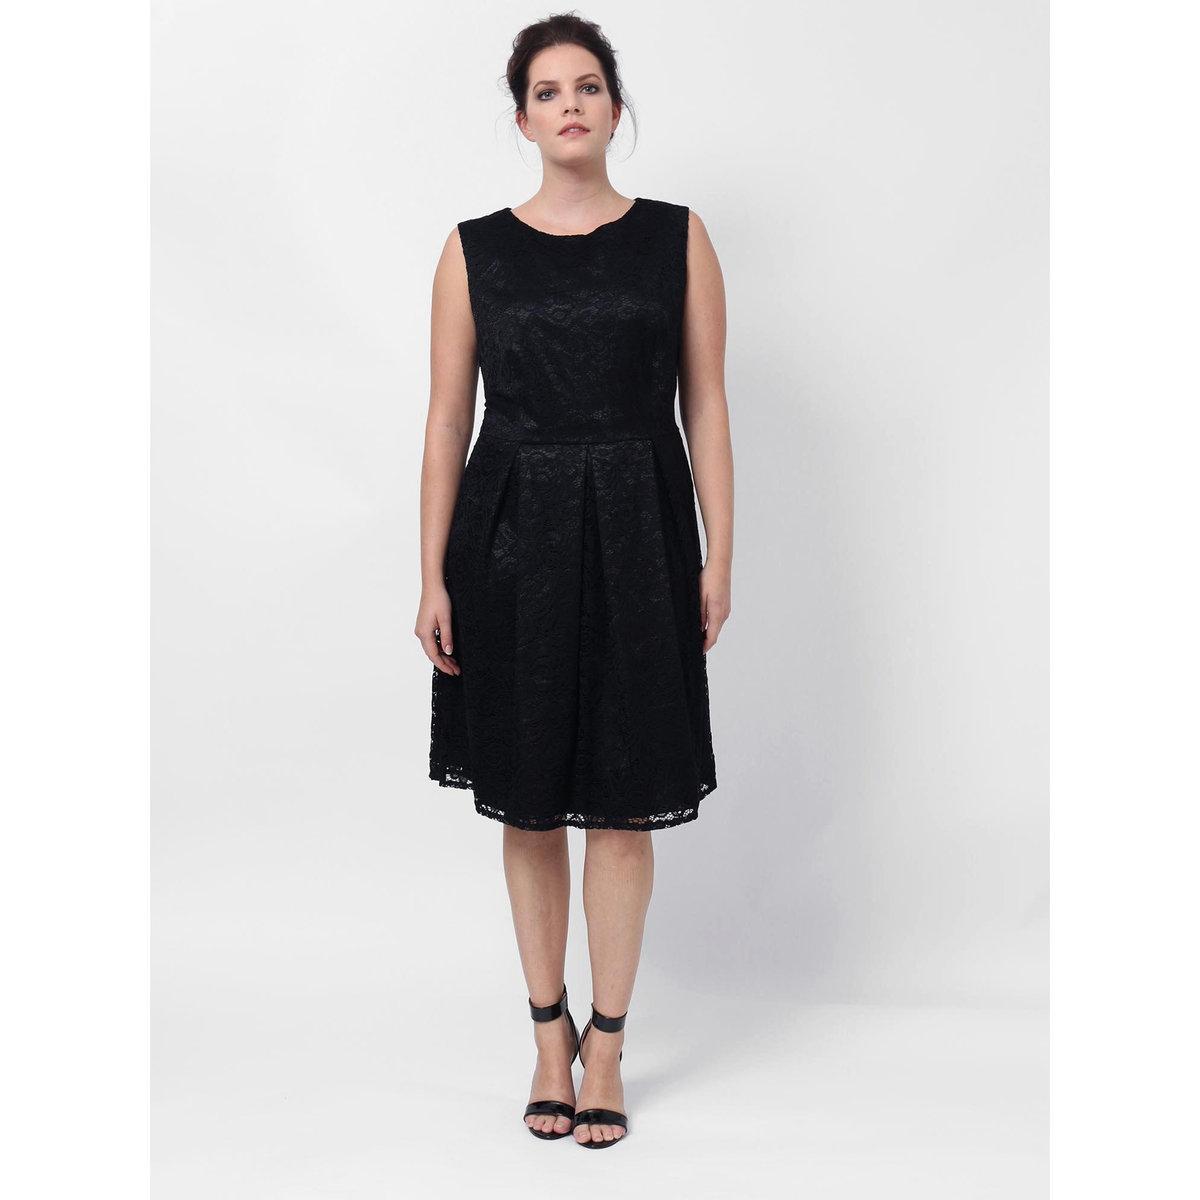 Платье длинноеПлатье без рукавов LOVEDROBE. Застежка на молнию сзади . Длина ок. 100 см.. 100% полиэстера<br><br>Цвет: черный